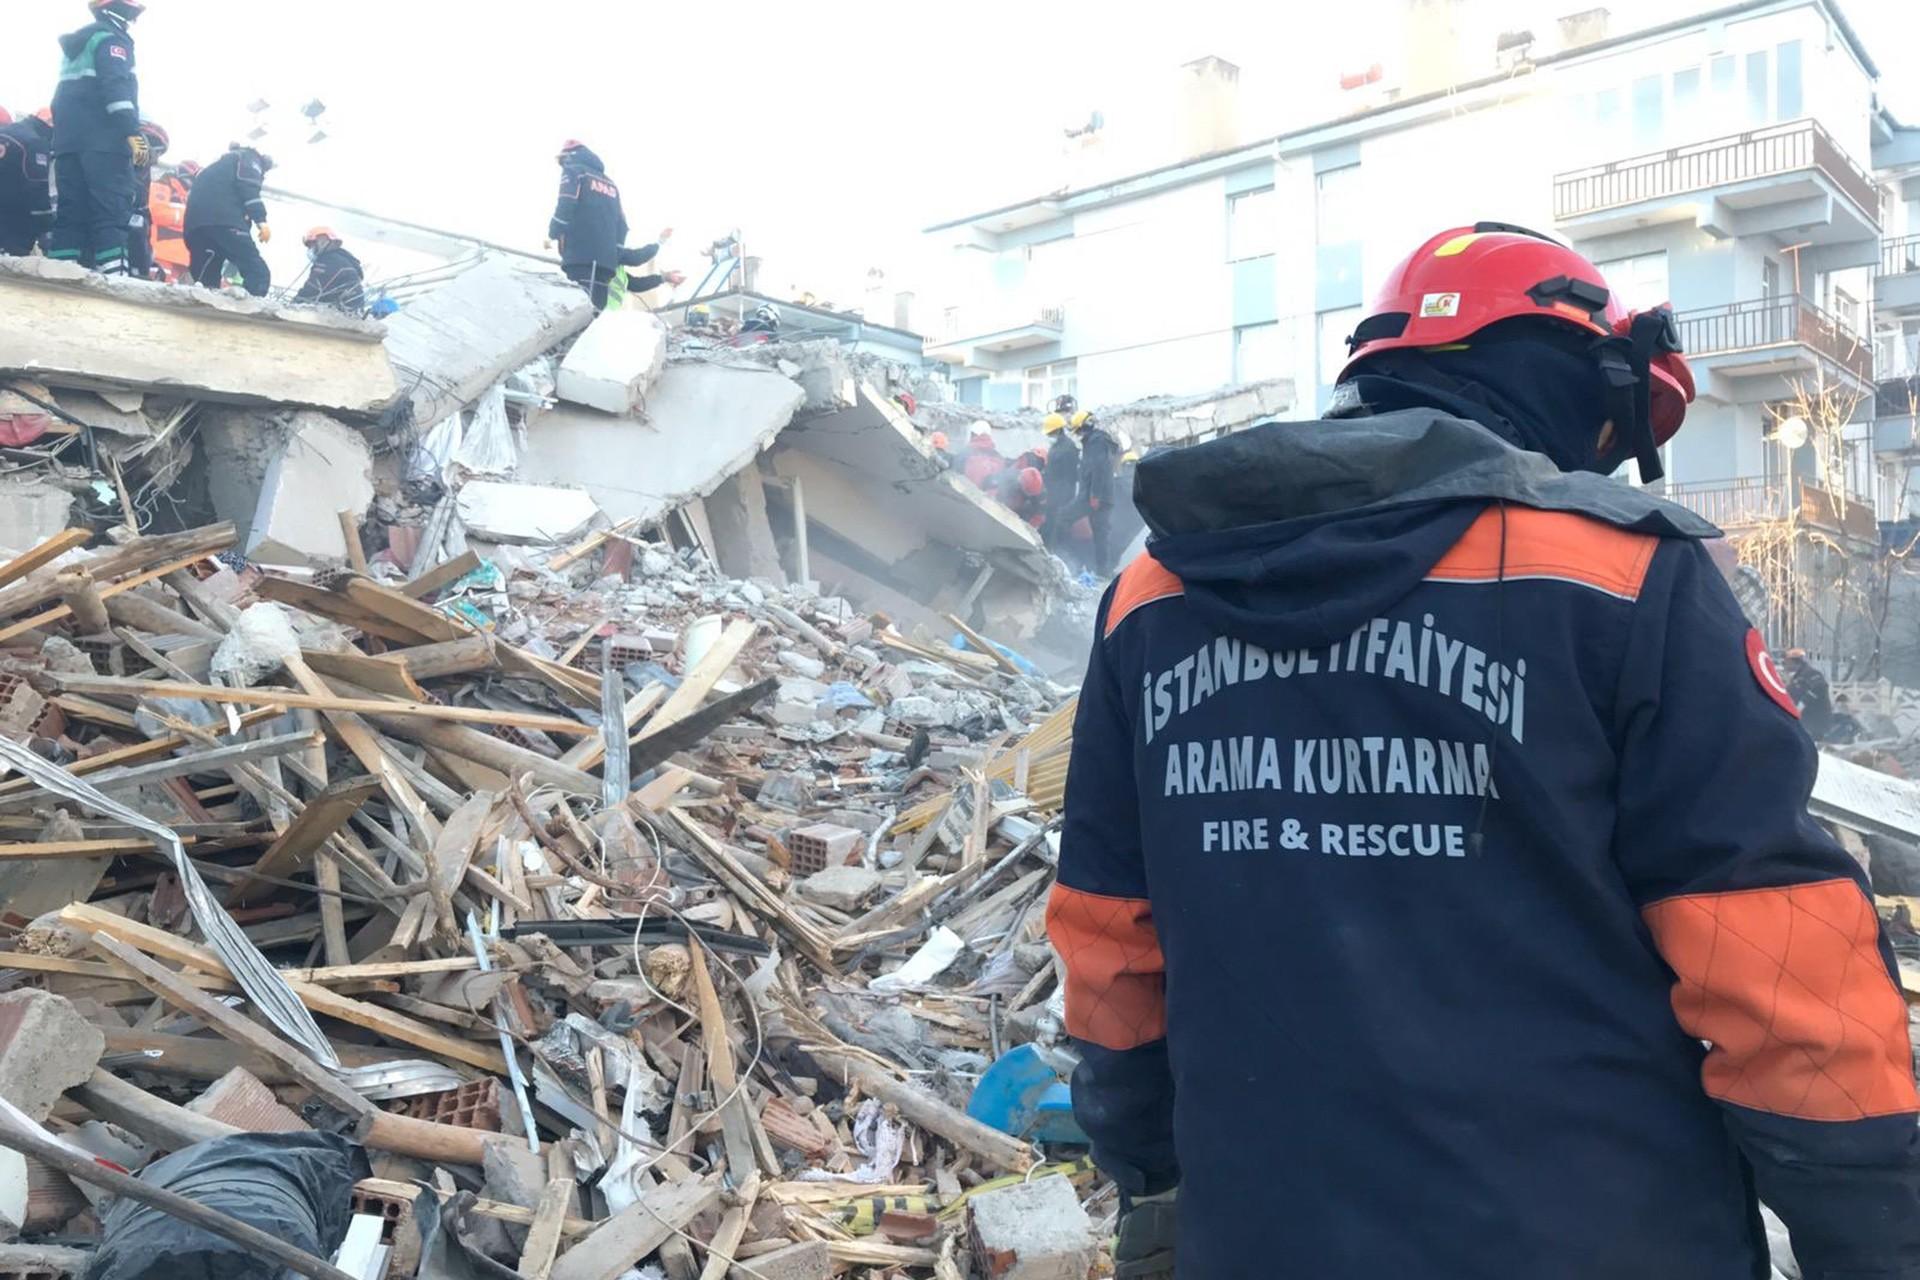 Elazığ depreminde İstanbul İtfayesinden bir kişi